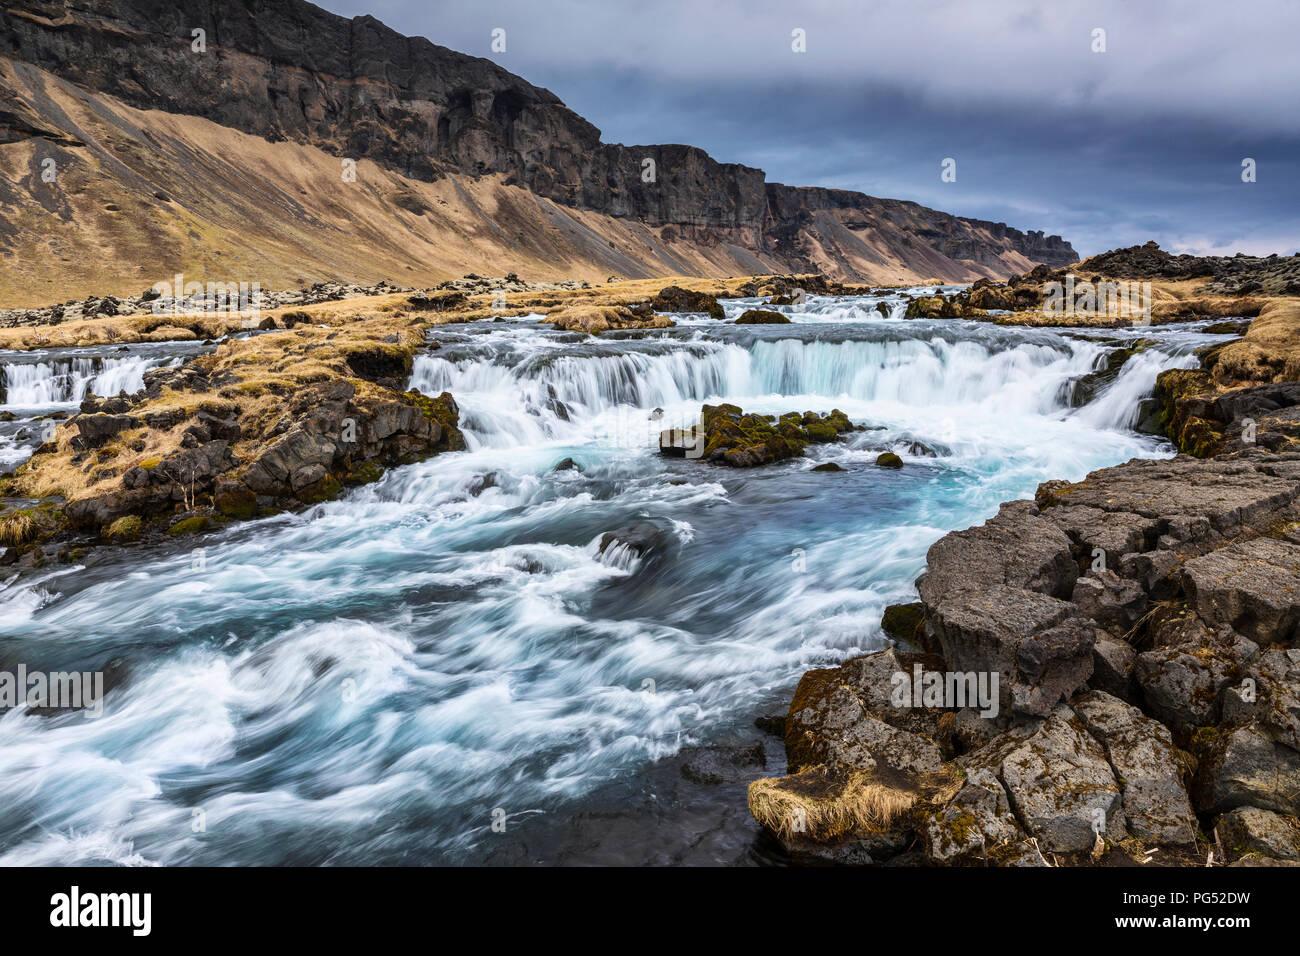 Wasserfälle in der Nähe der Pjodvegur Straße in der südlichen Region von Island Stockfoto